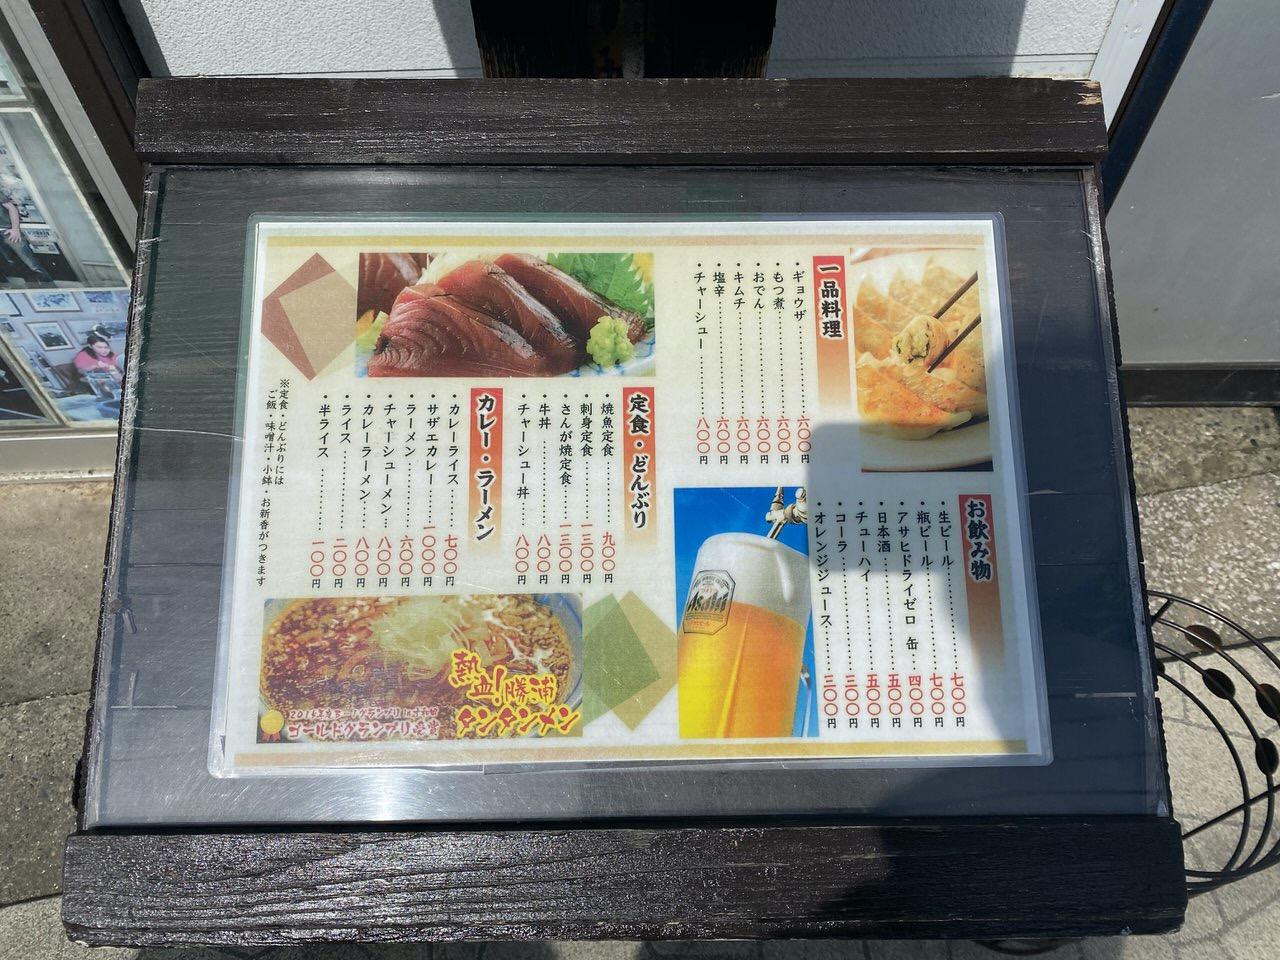 「お食事処 いしい」勝浦タンタンメン 6